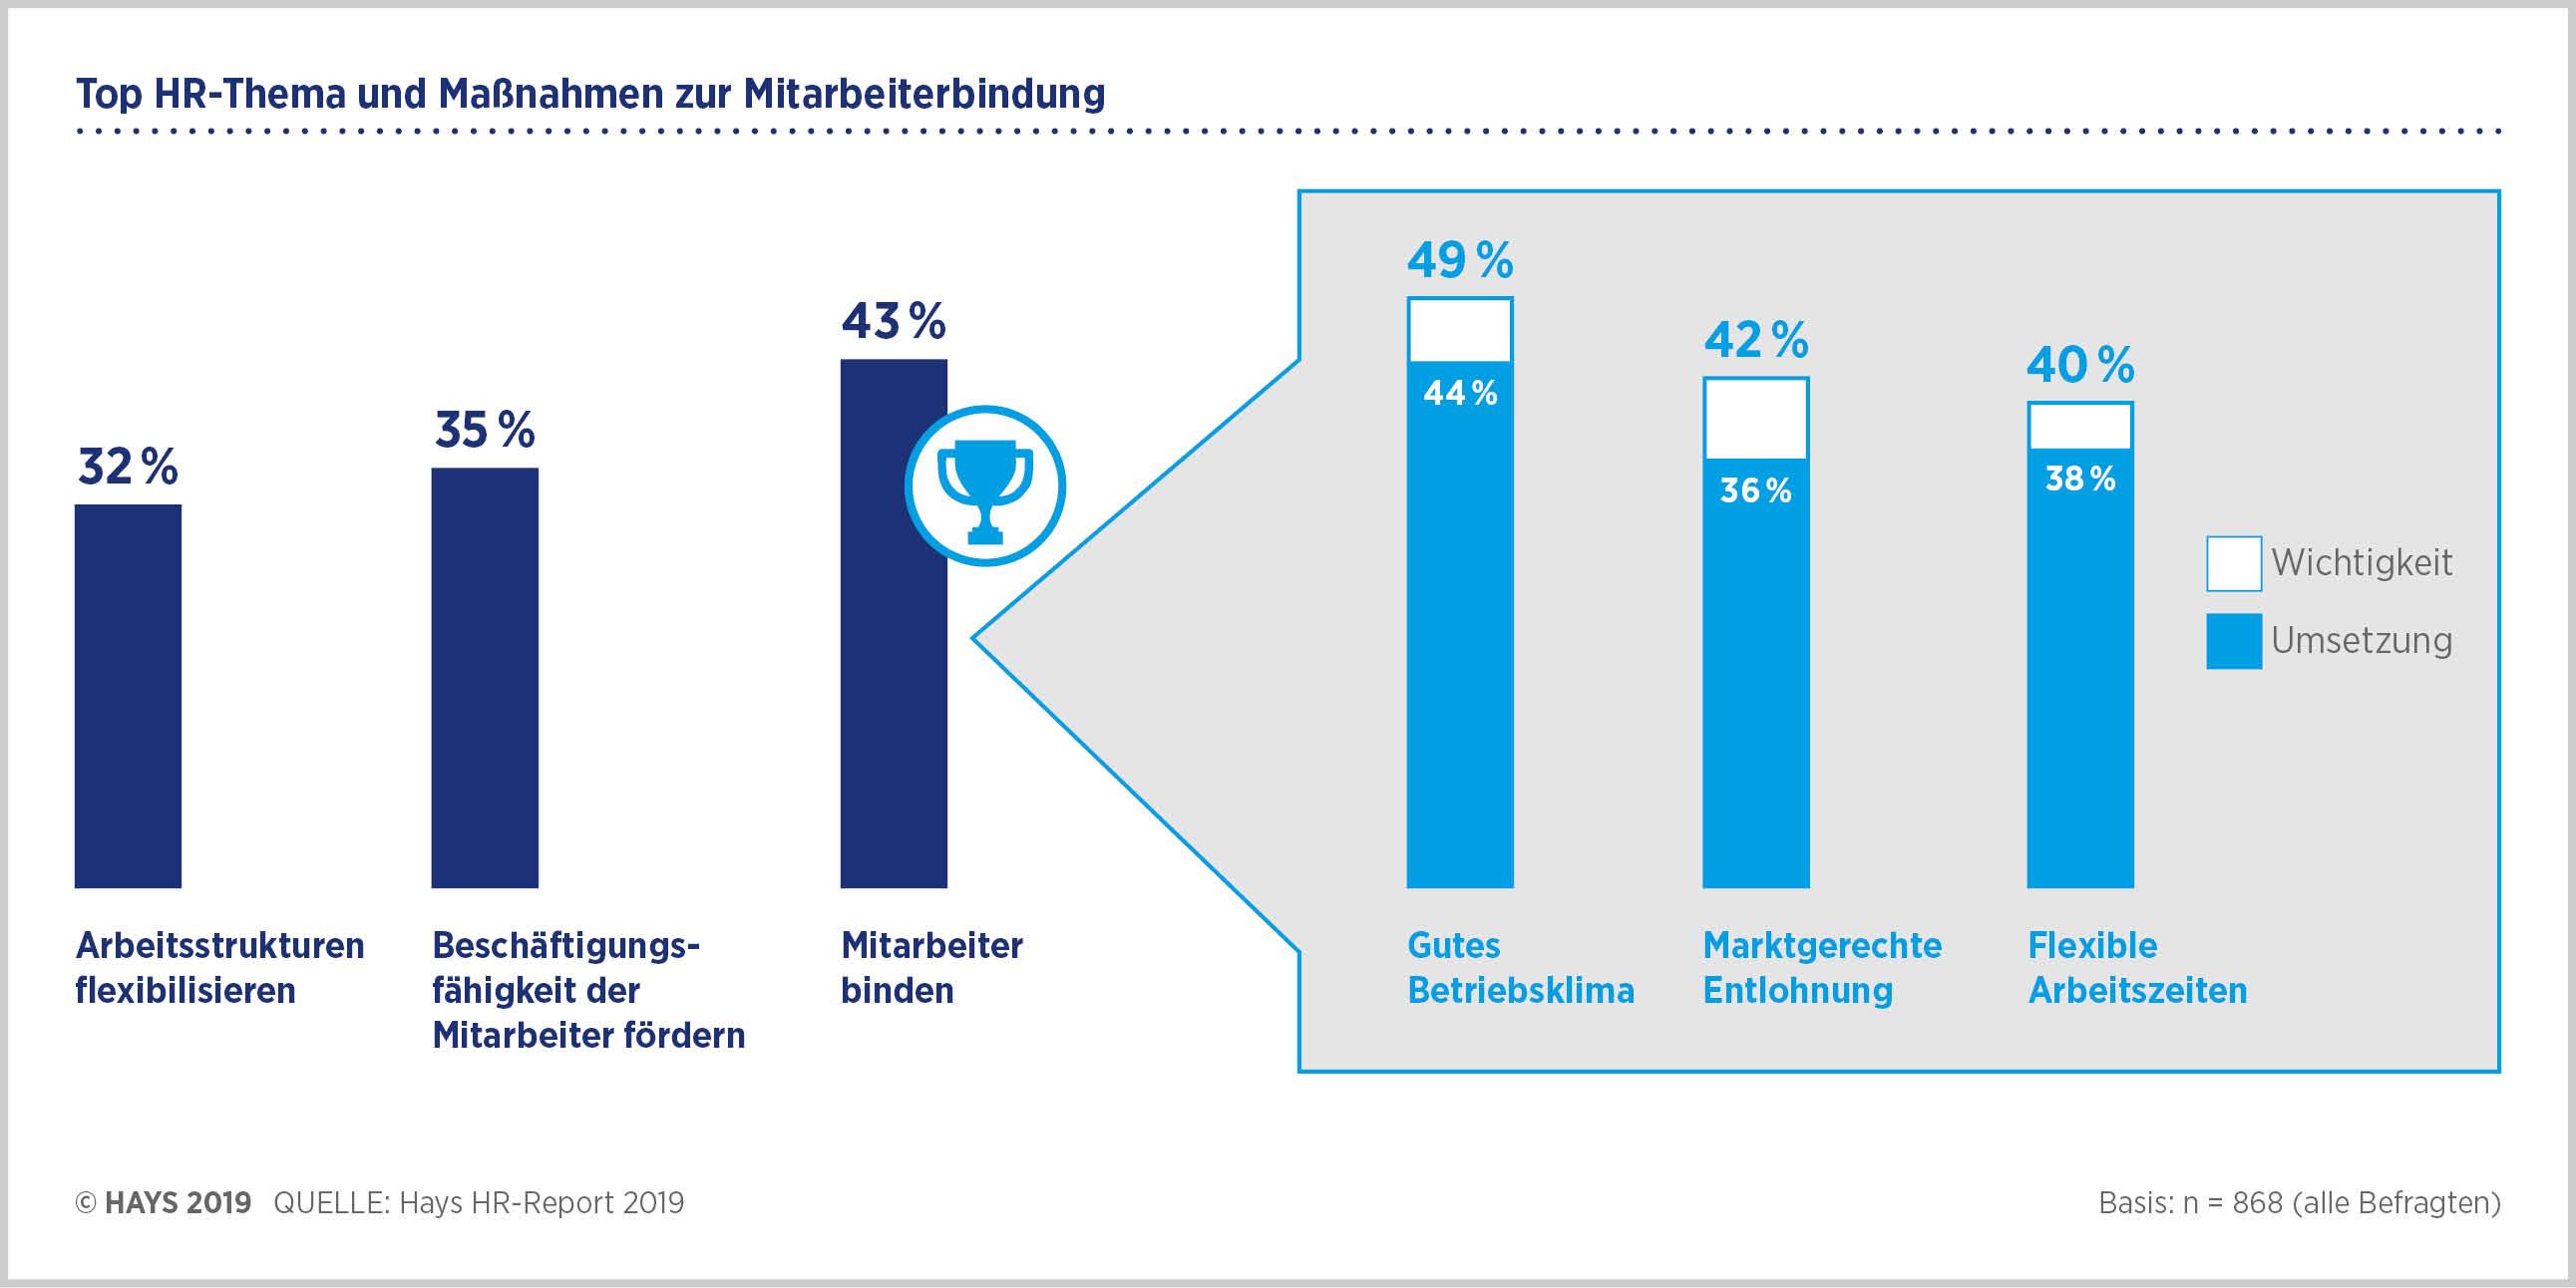 HR Report 2019 - Mitarbeiterbindung ist und bleibt das Top-HR-Thema